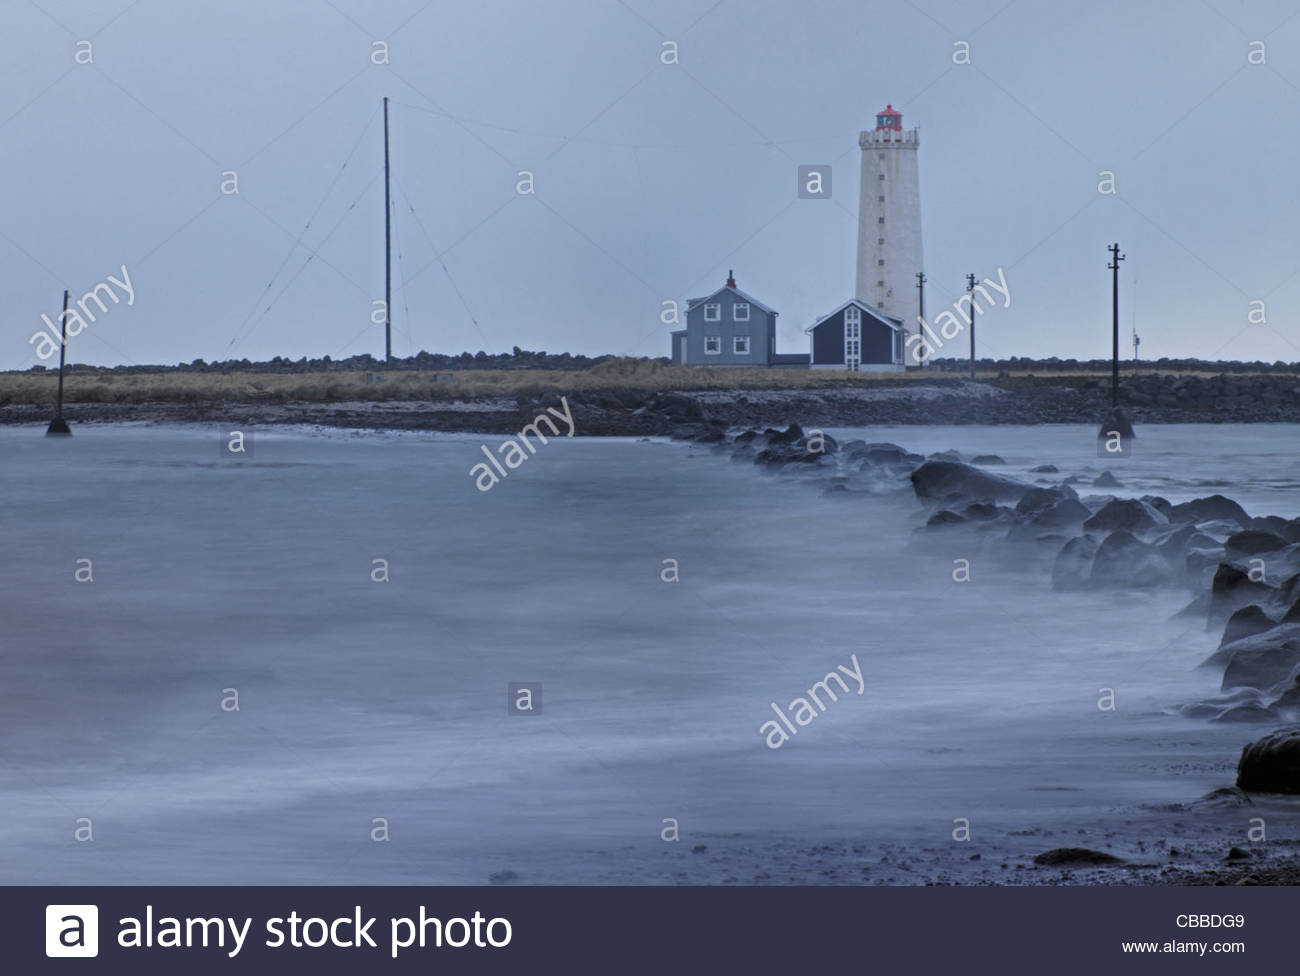 Waves crashing on rocks near lighthouse - Stock Image